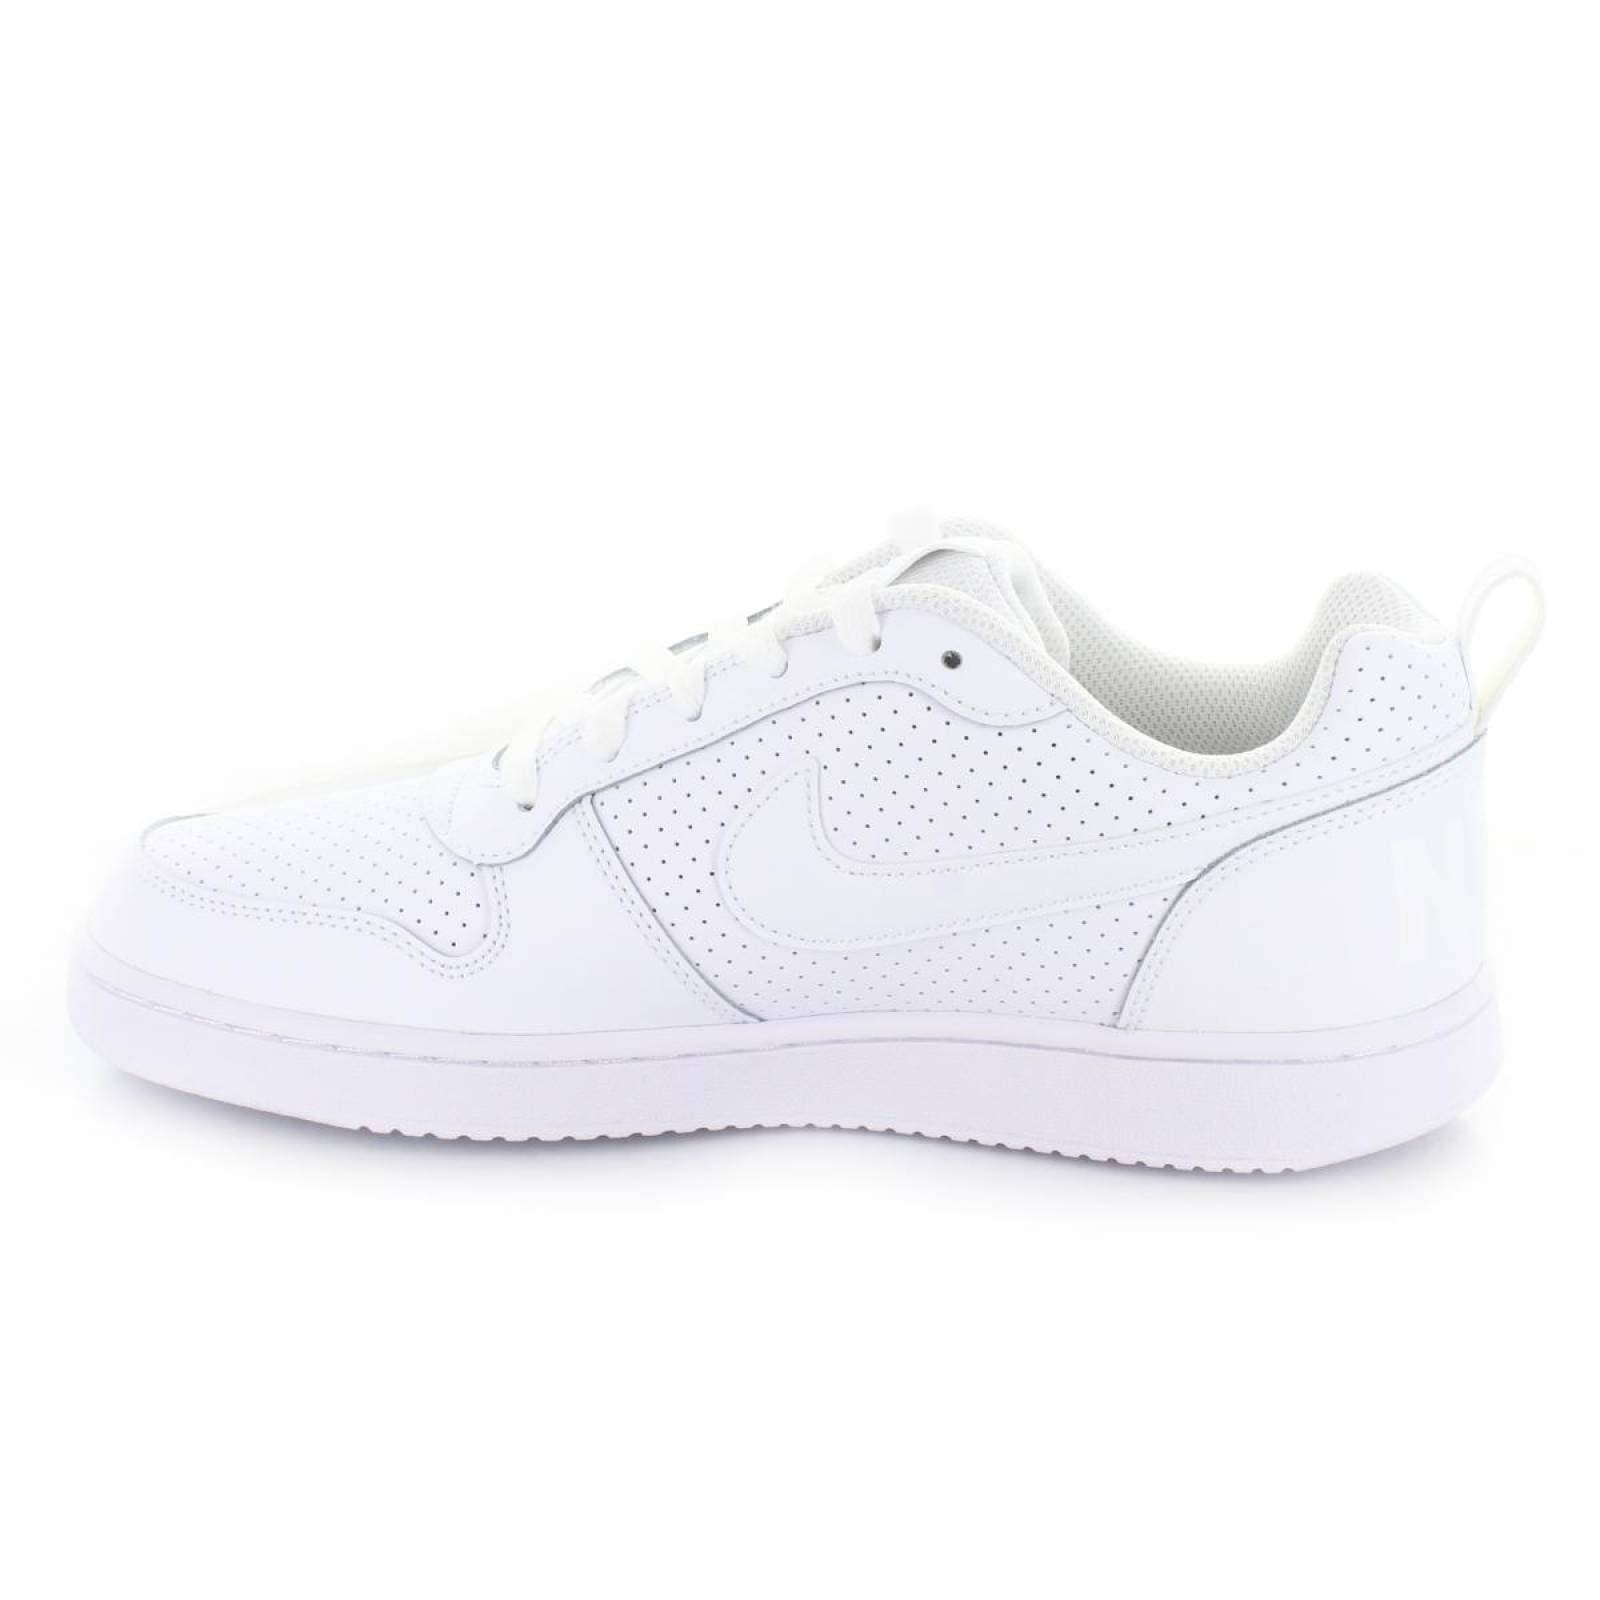 Tenis para Hombre Nike 838937 111 045551 Color Blanco